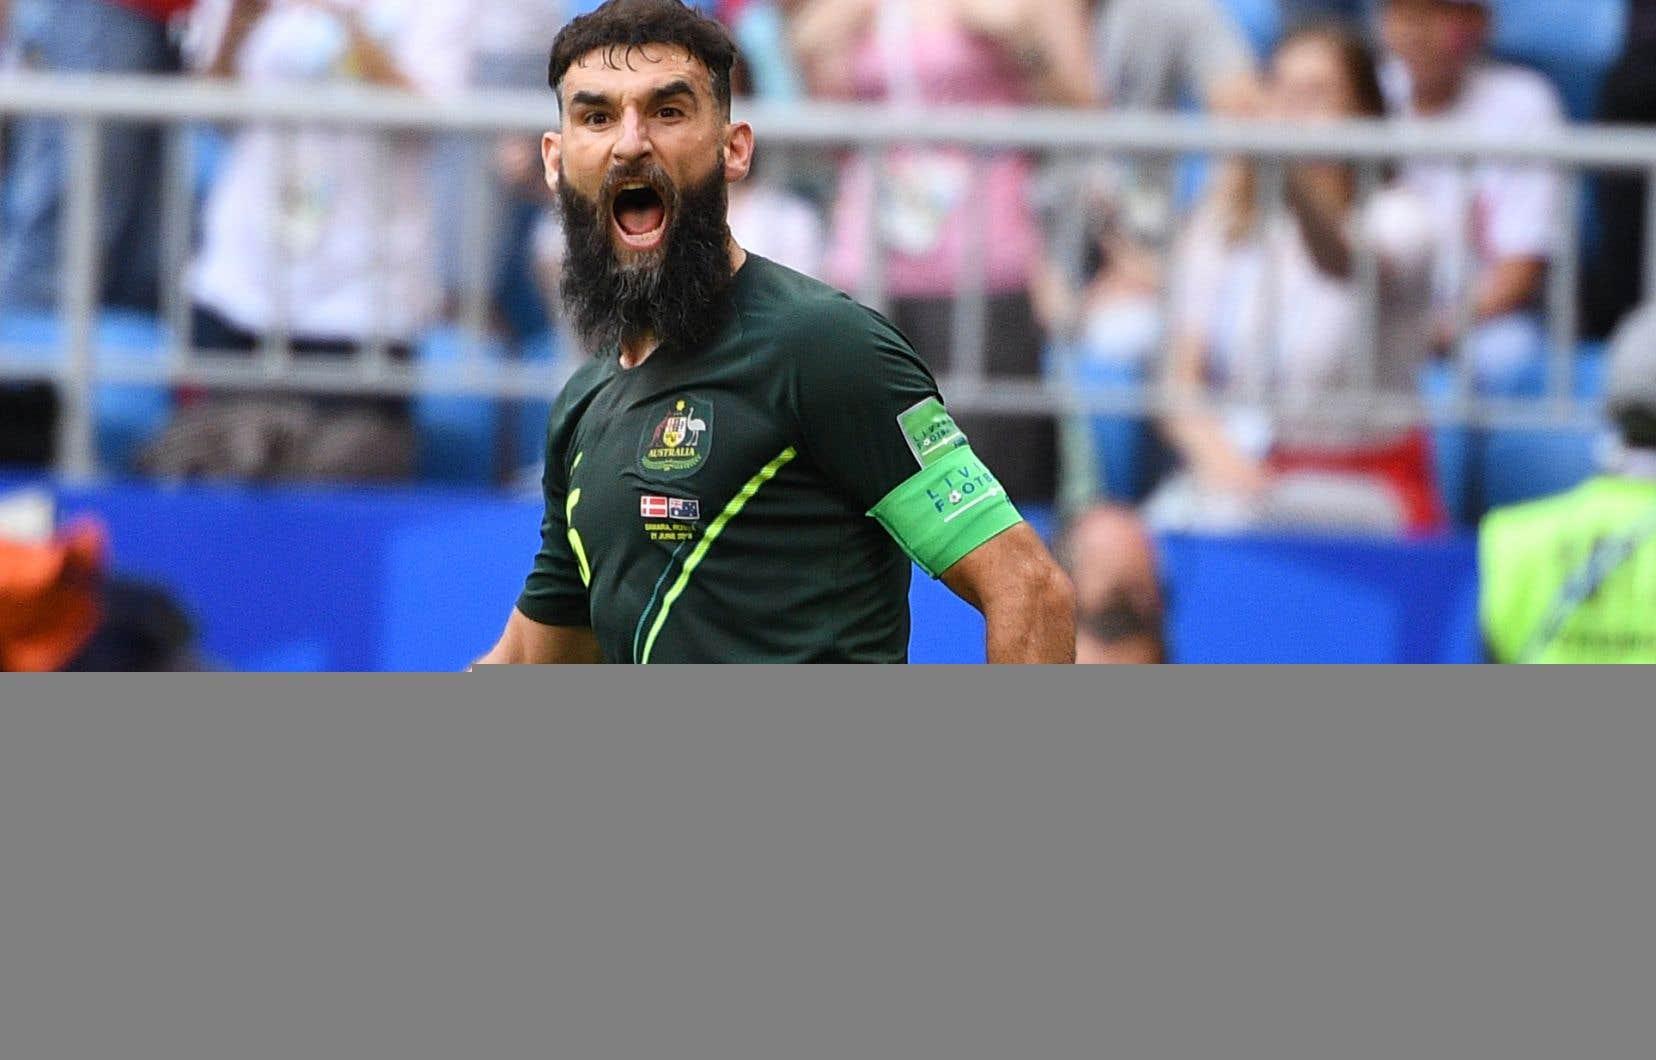 L'Australien Mile Jedinak a transformé en but son troisième tir de pénalité en Coupe du monde.